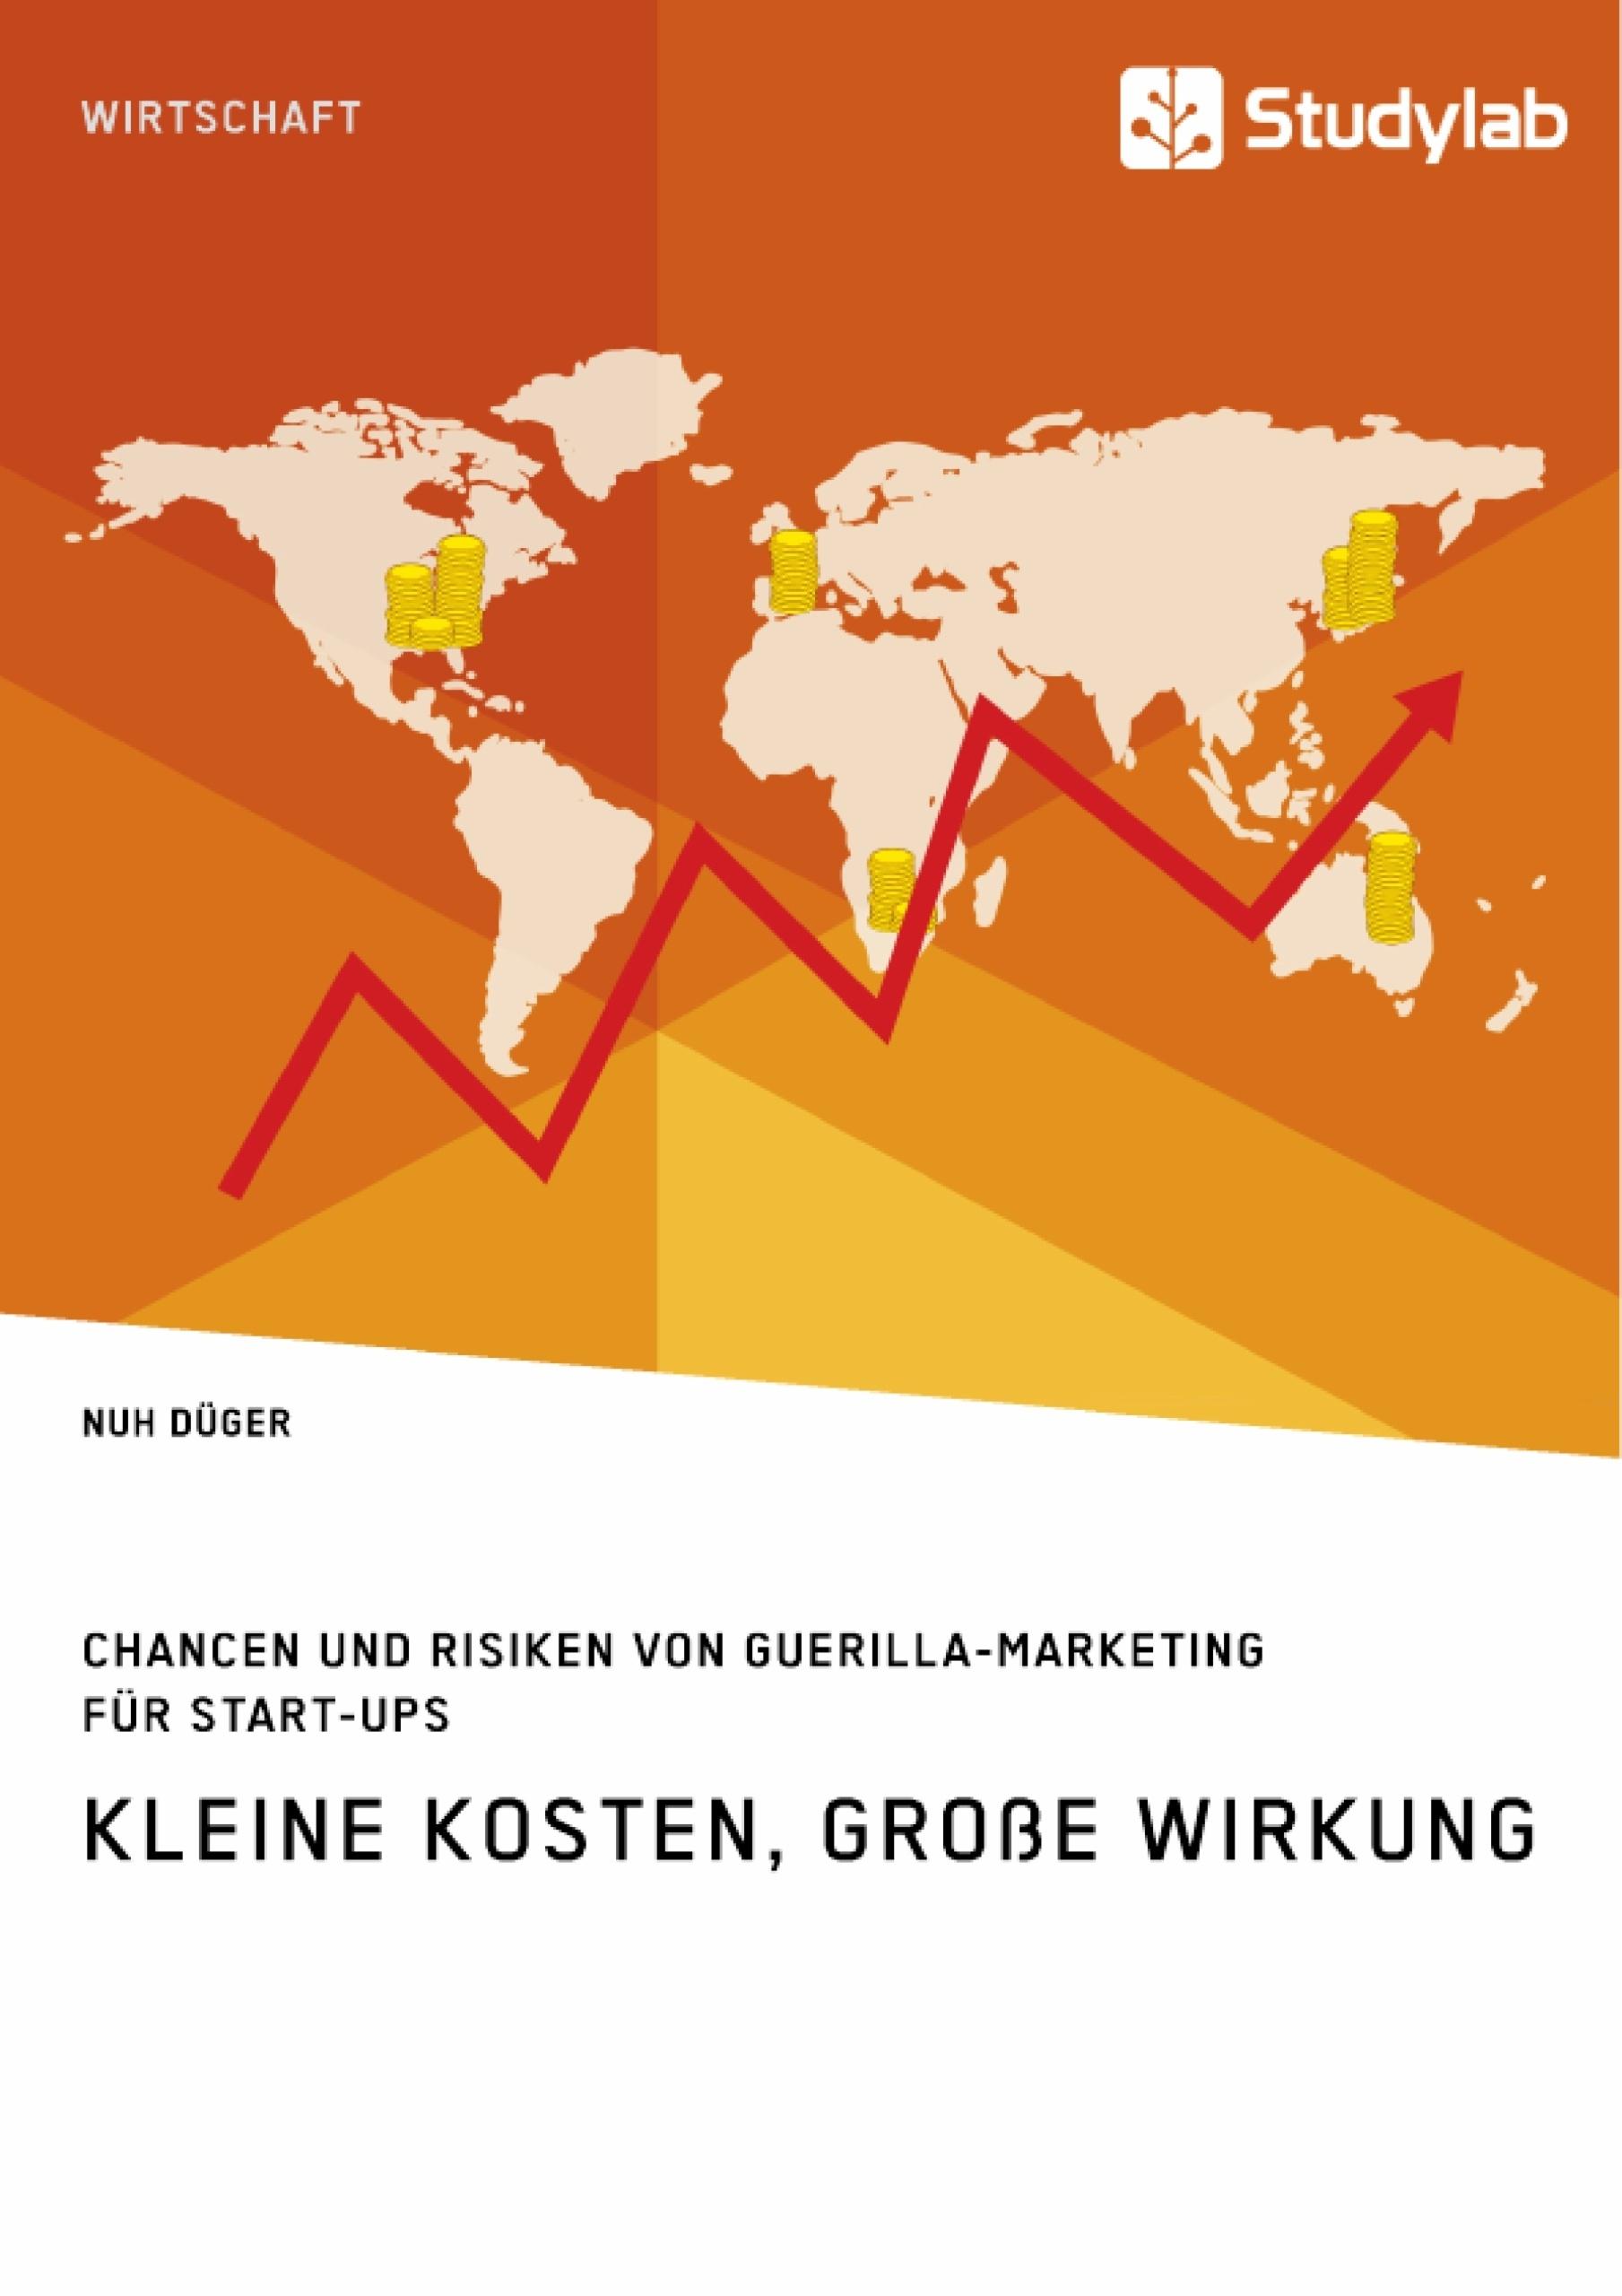 Titel: Kleine Kosten, große Wirkung. Chancen und Risiken von Guerilla-Marketing für Start-Ups